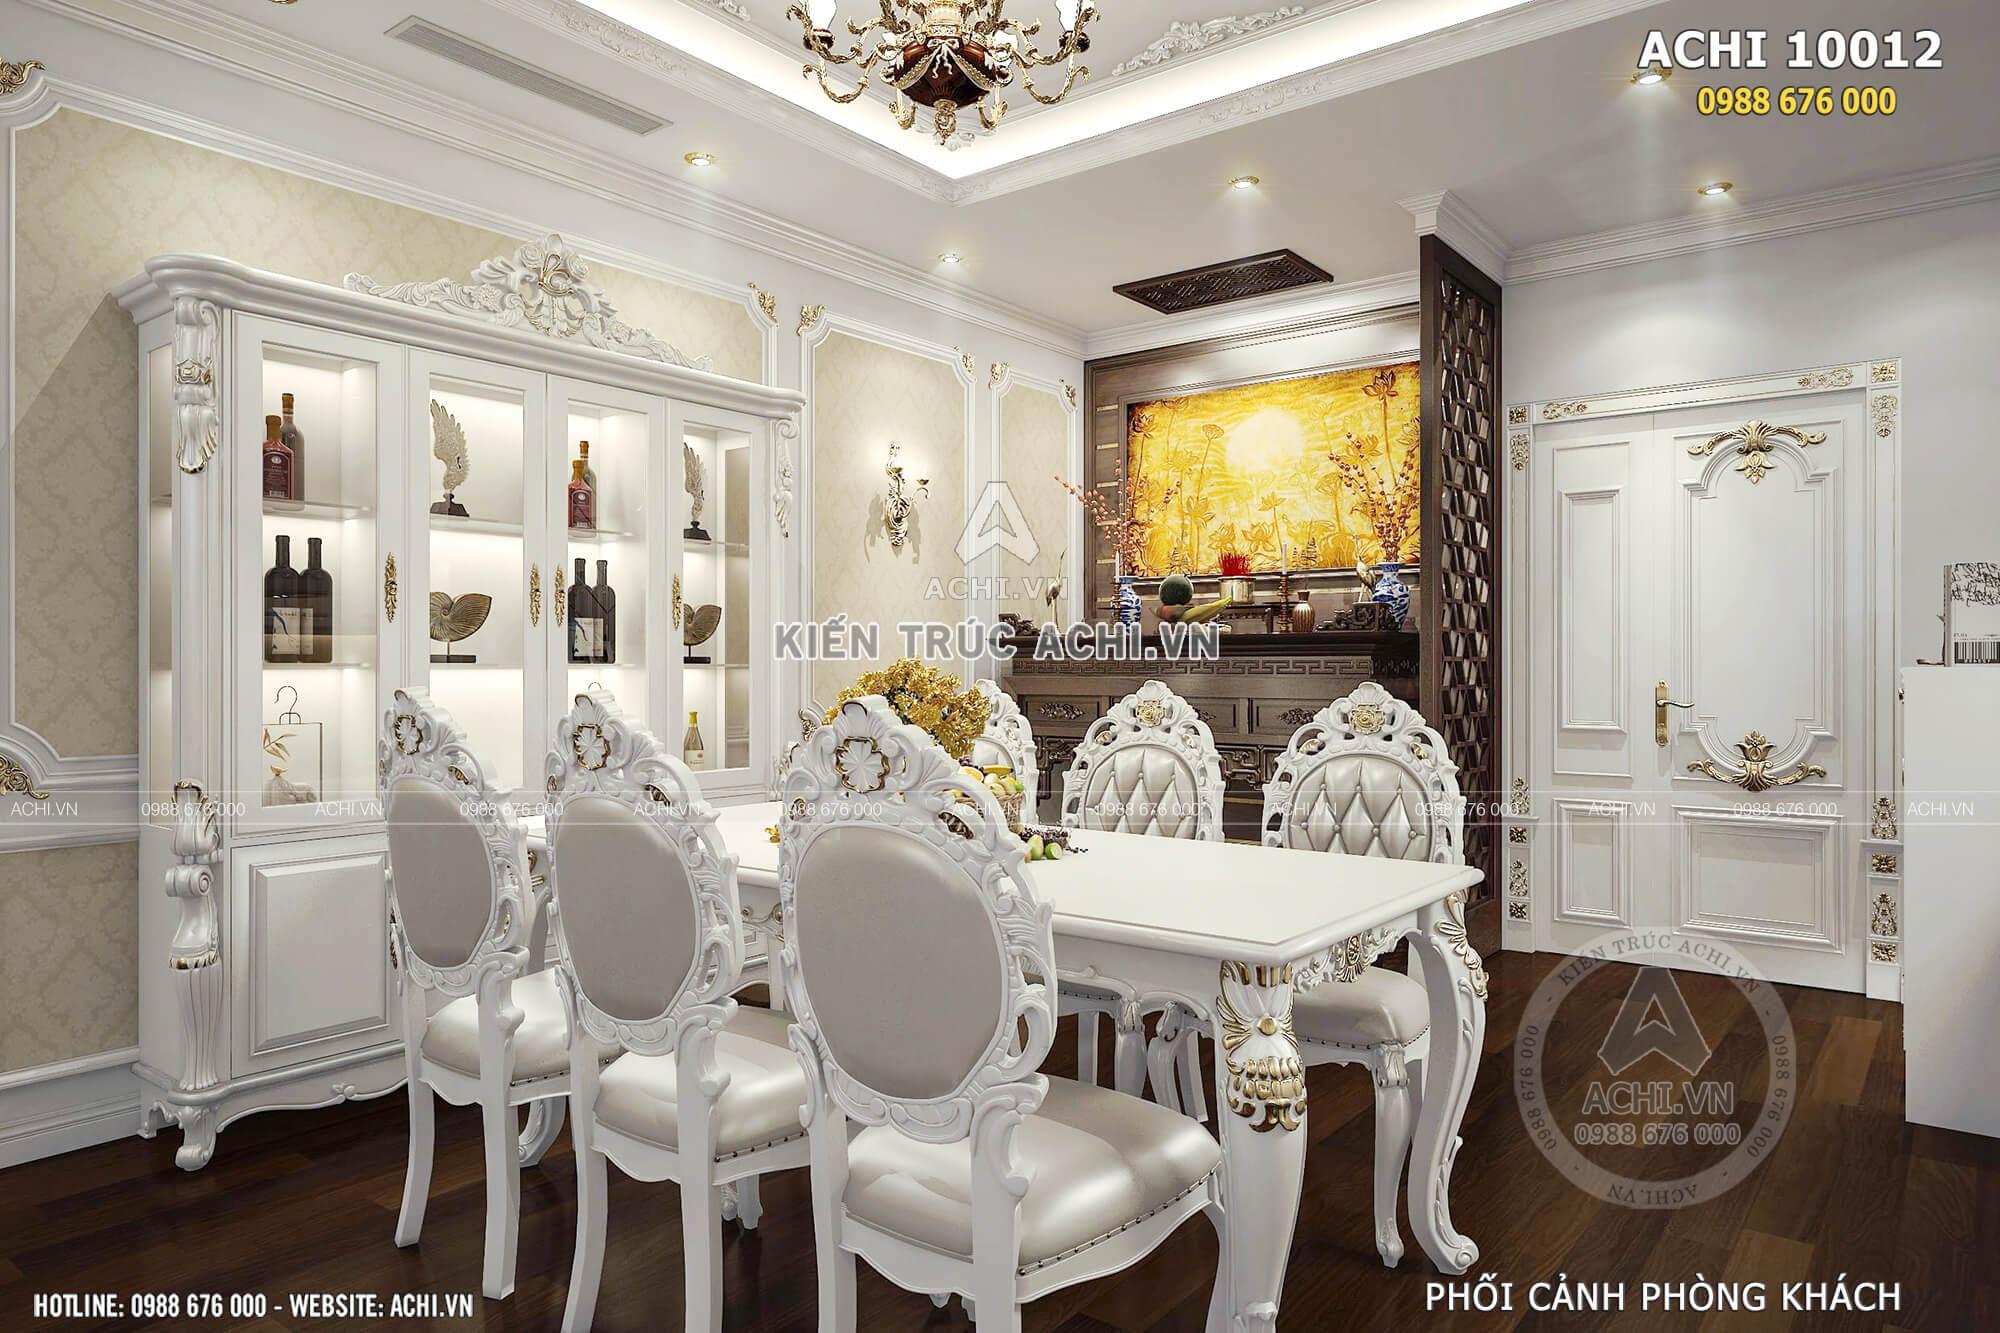 Phối cảnh 3D phòng khách với không gian kết hợp bàn ăn tân cổ điển sang trọng